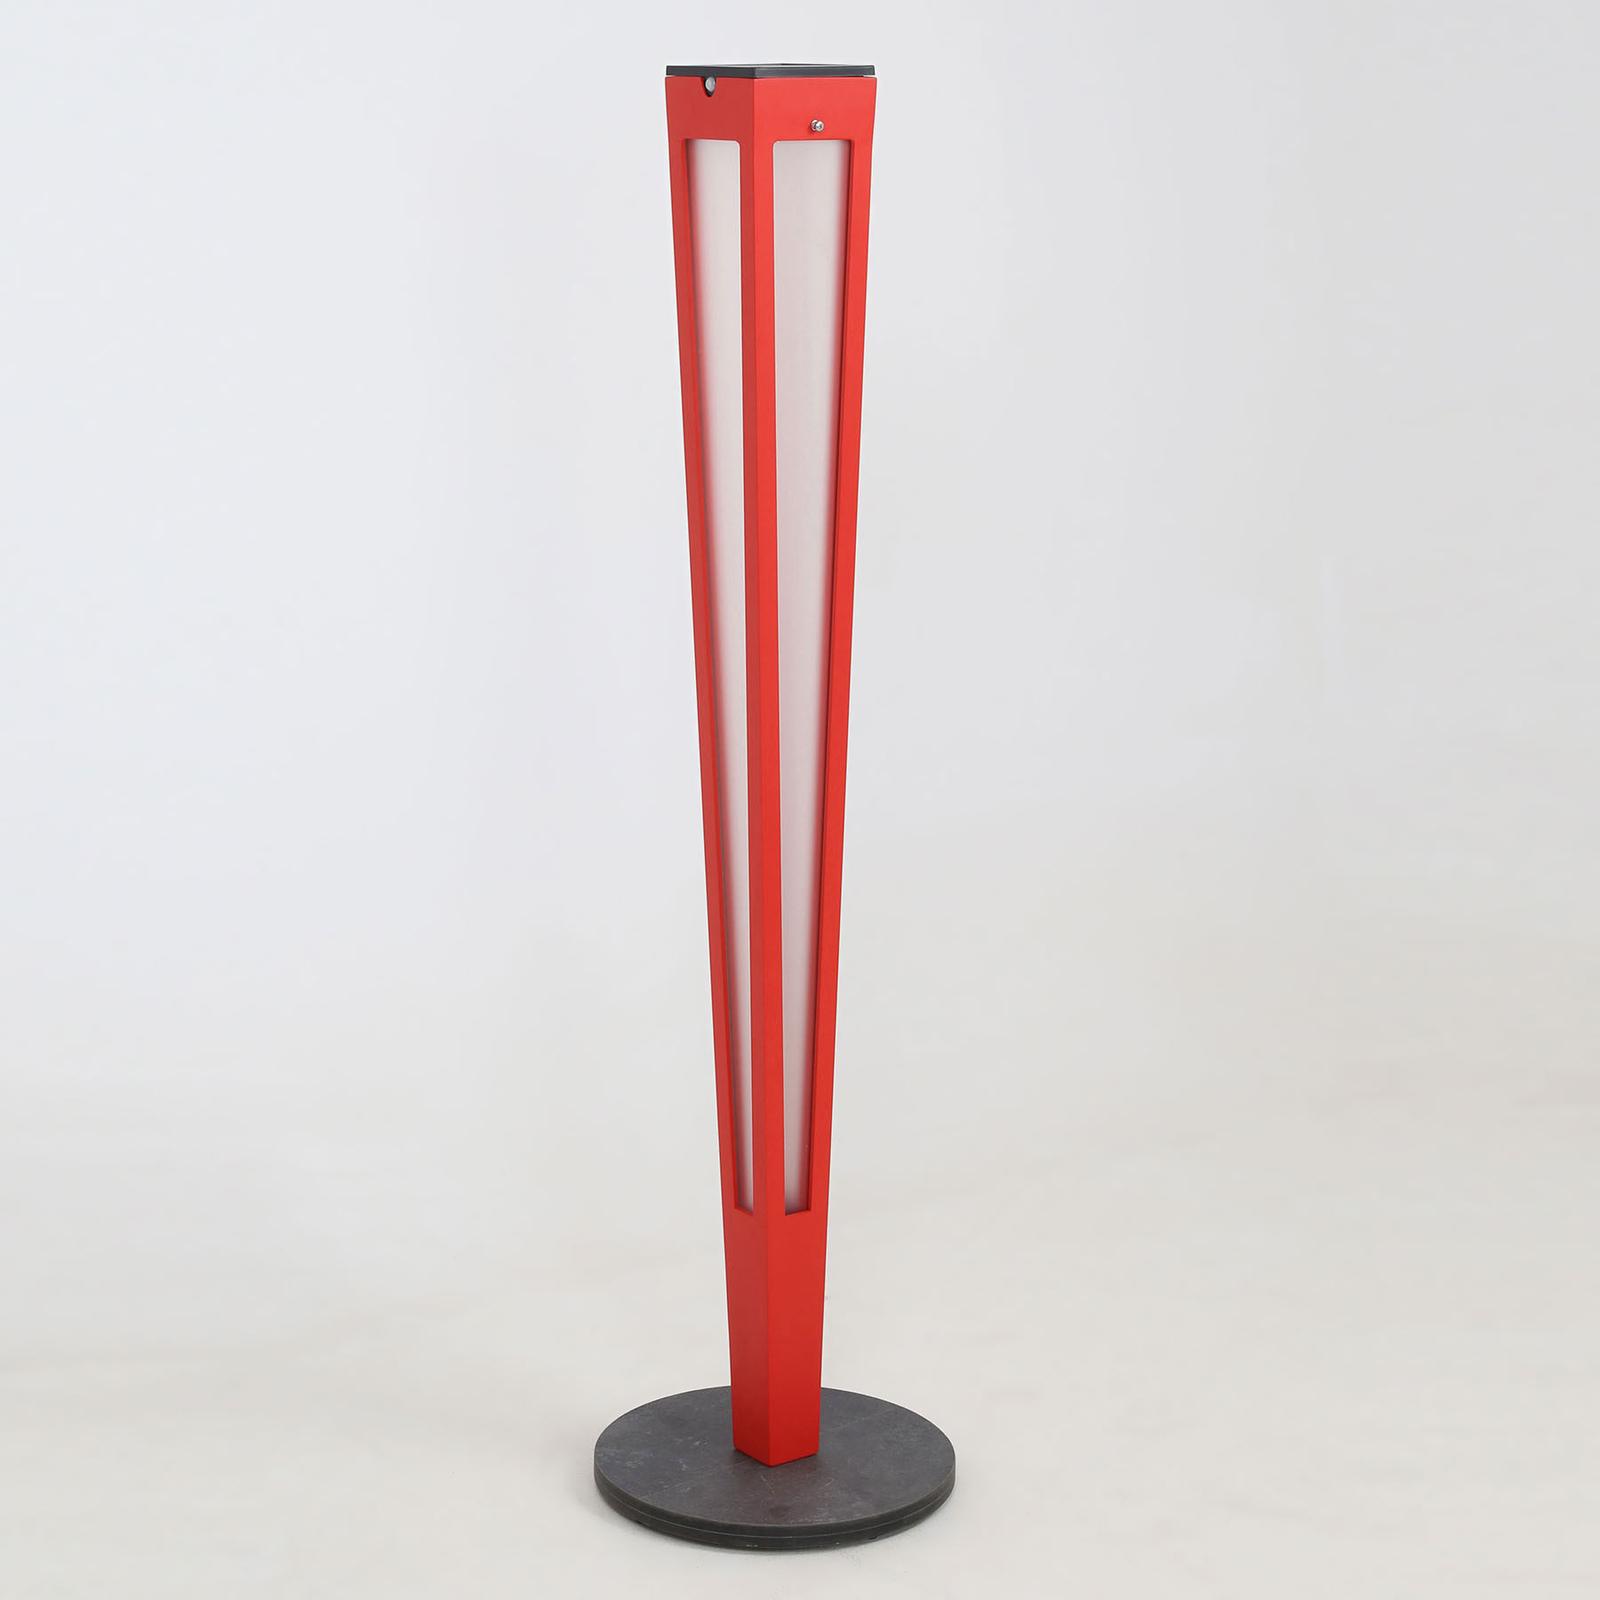 Tinka LED-solcellefakkel med sensor, 120 cm, rød